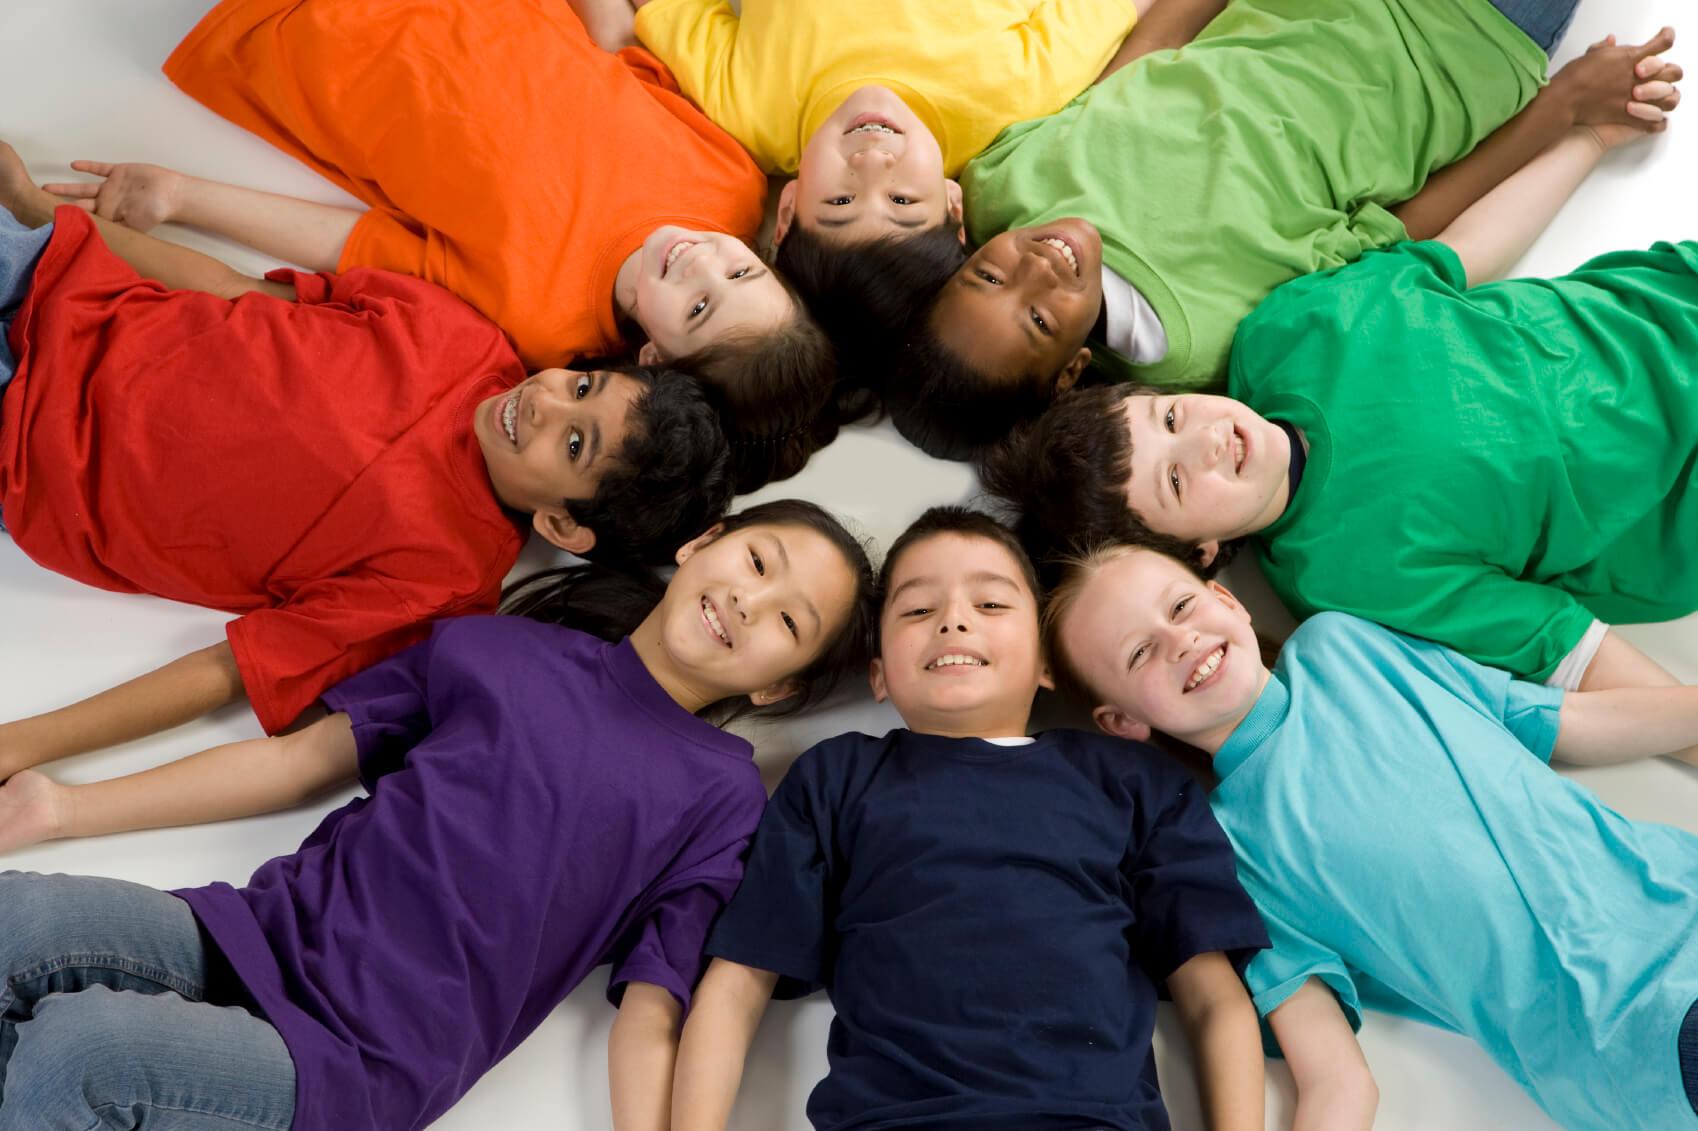 اجتماعی شدن کودکان در گرو انجام فعالیتهای گروهی